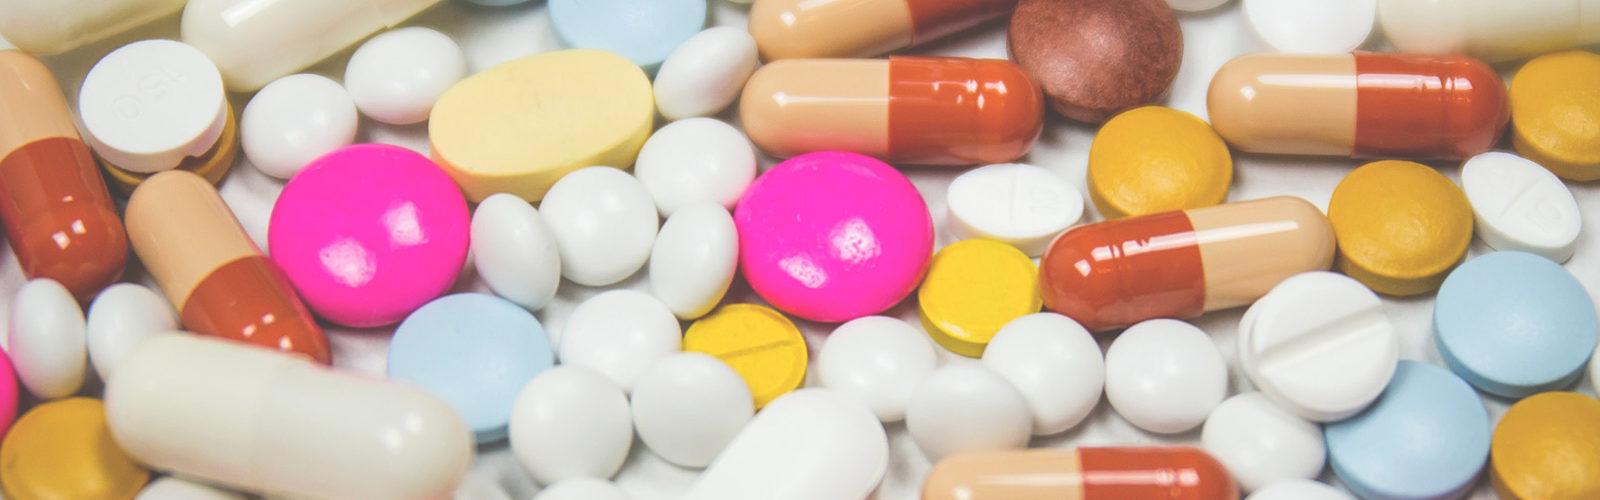 medicament-moins-chers-floride